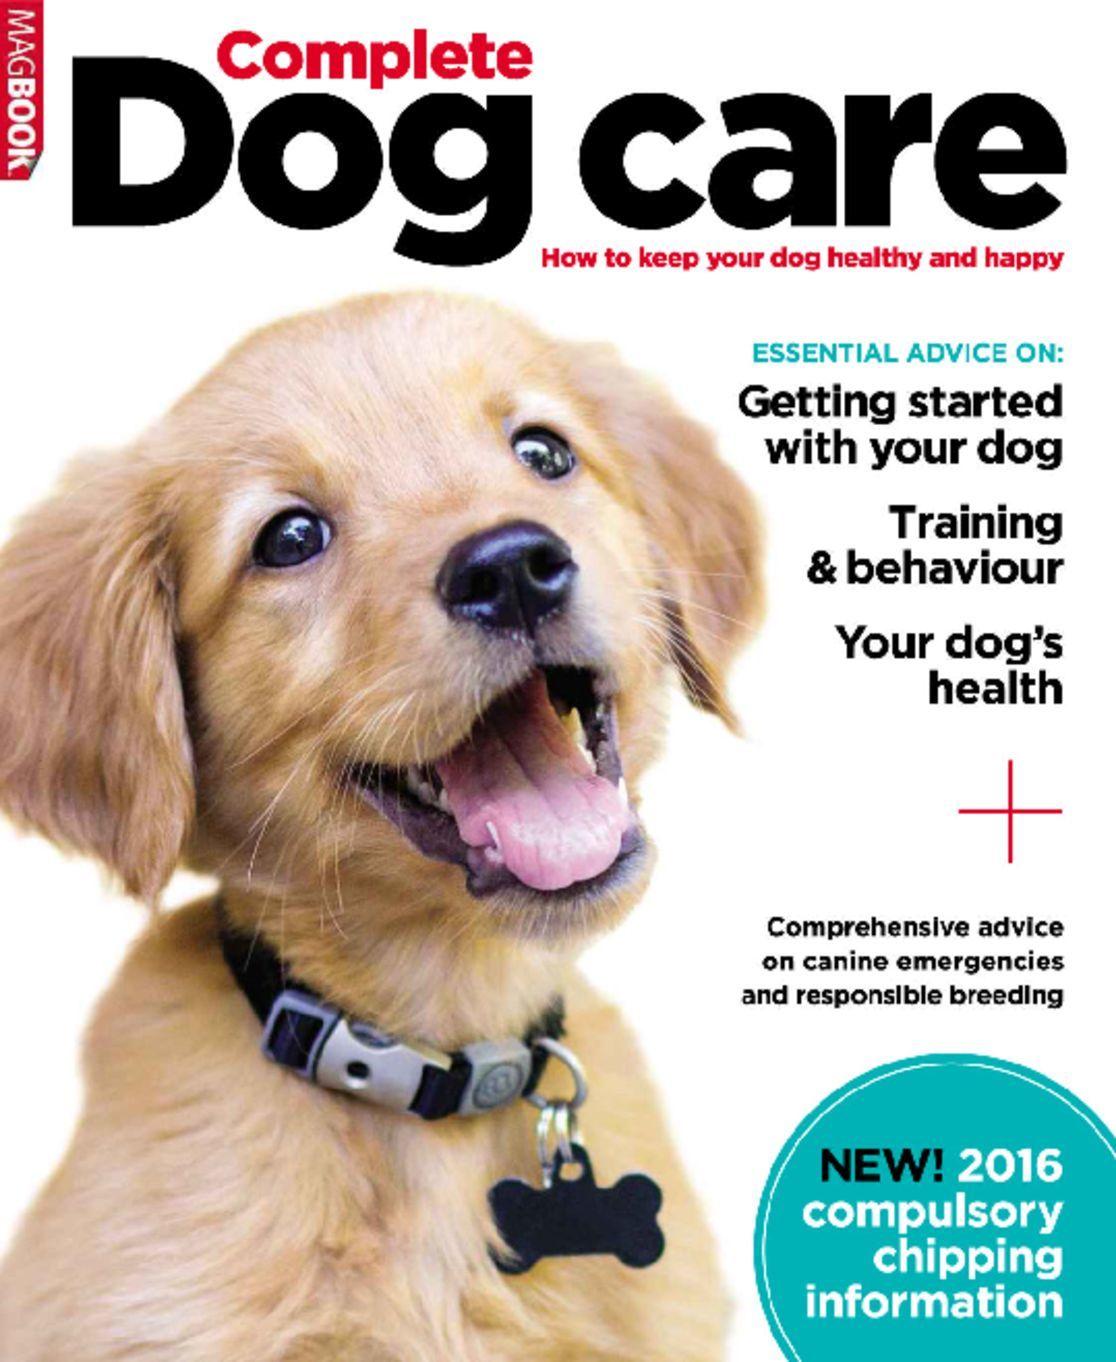 Complete Dog Care Digital